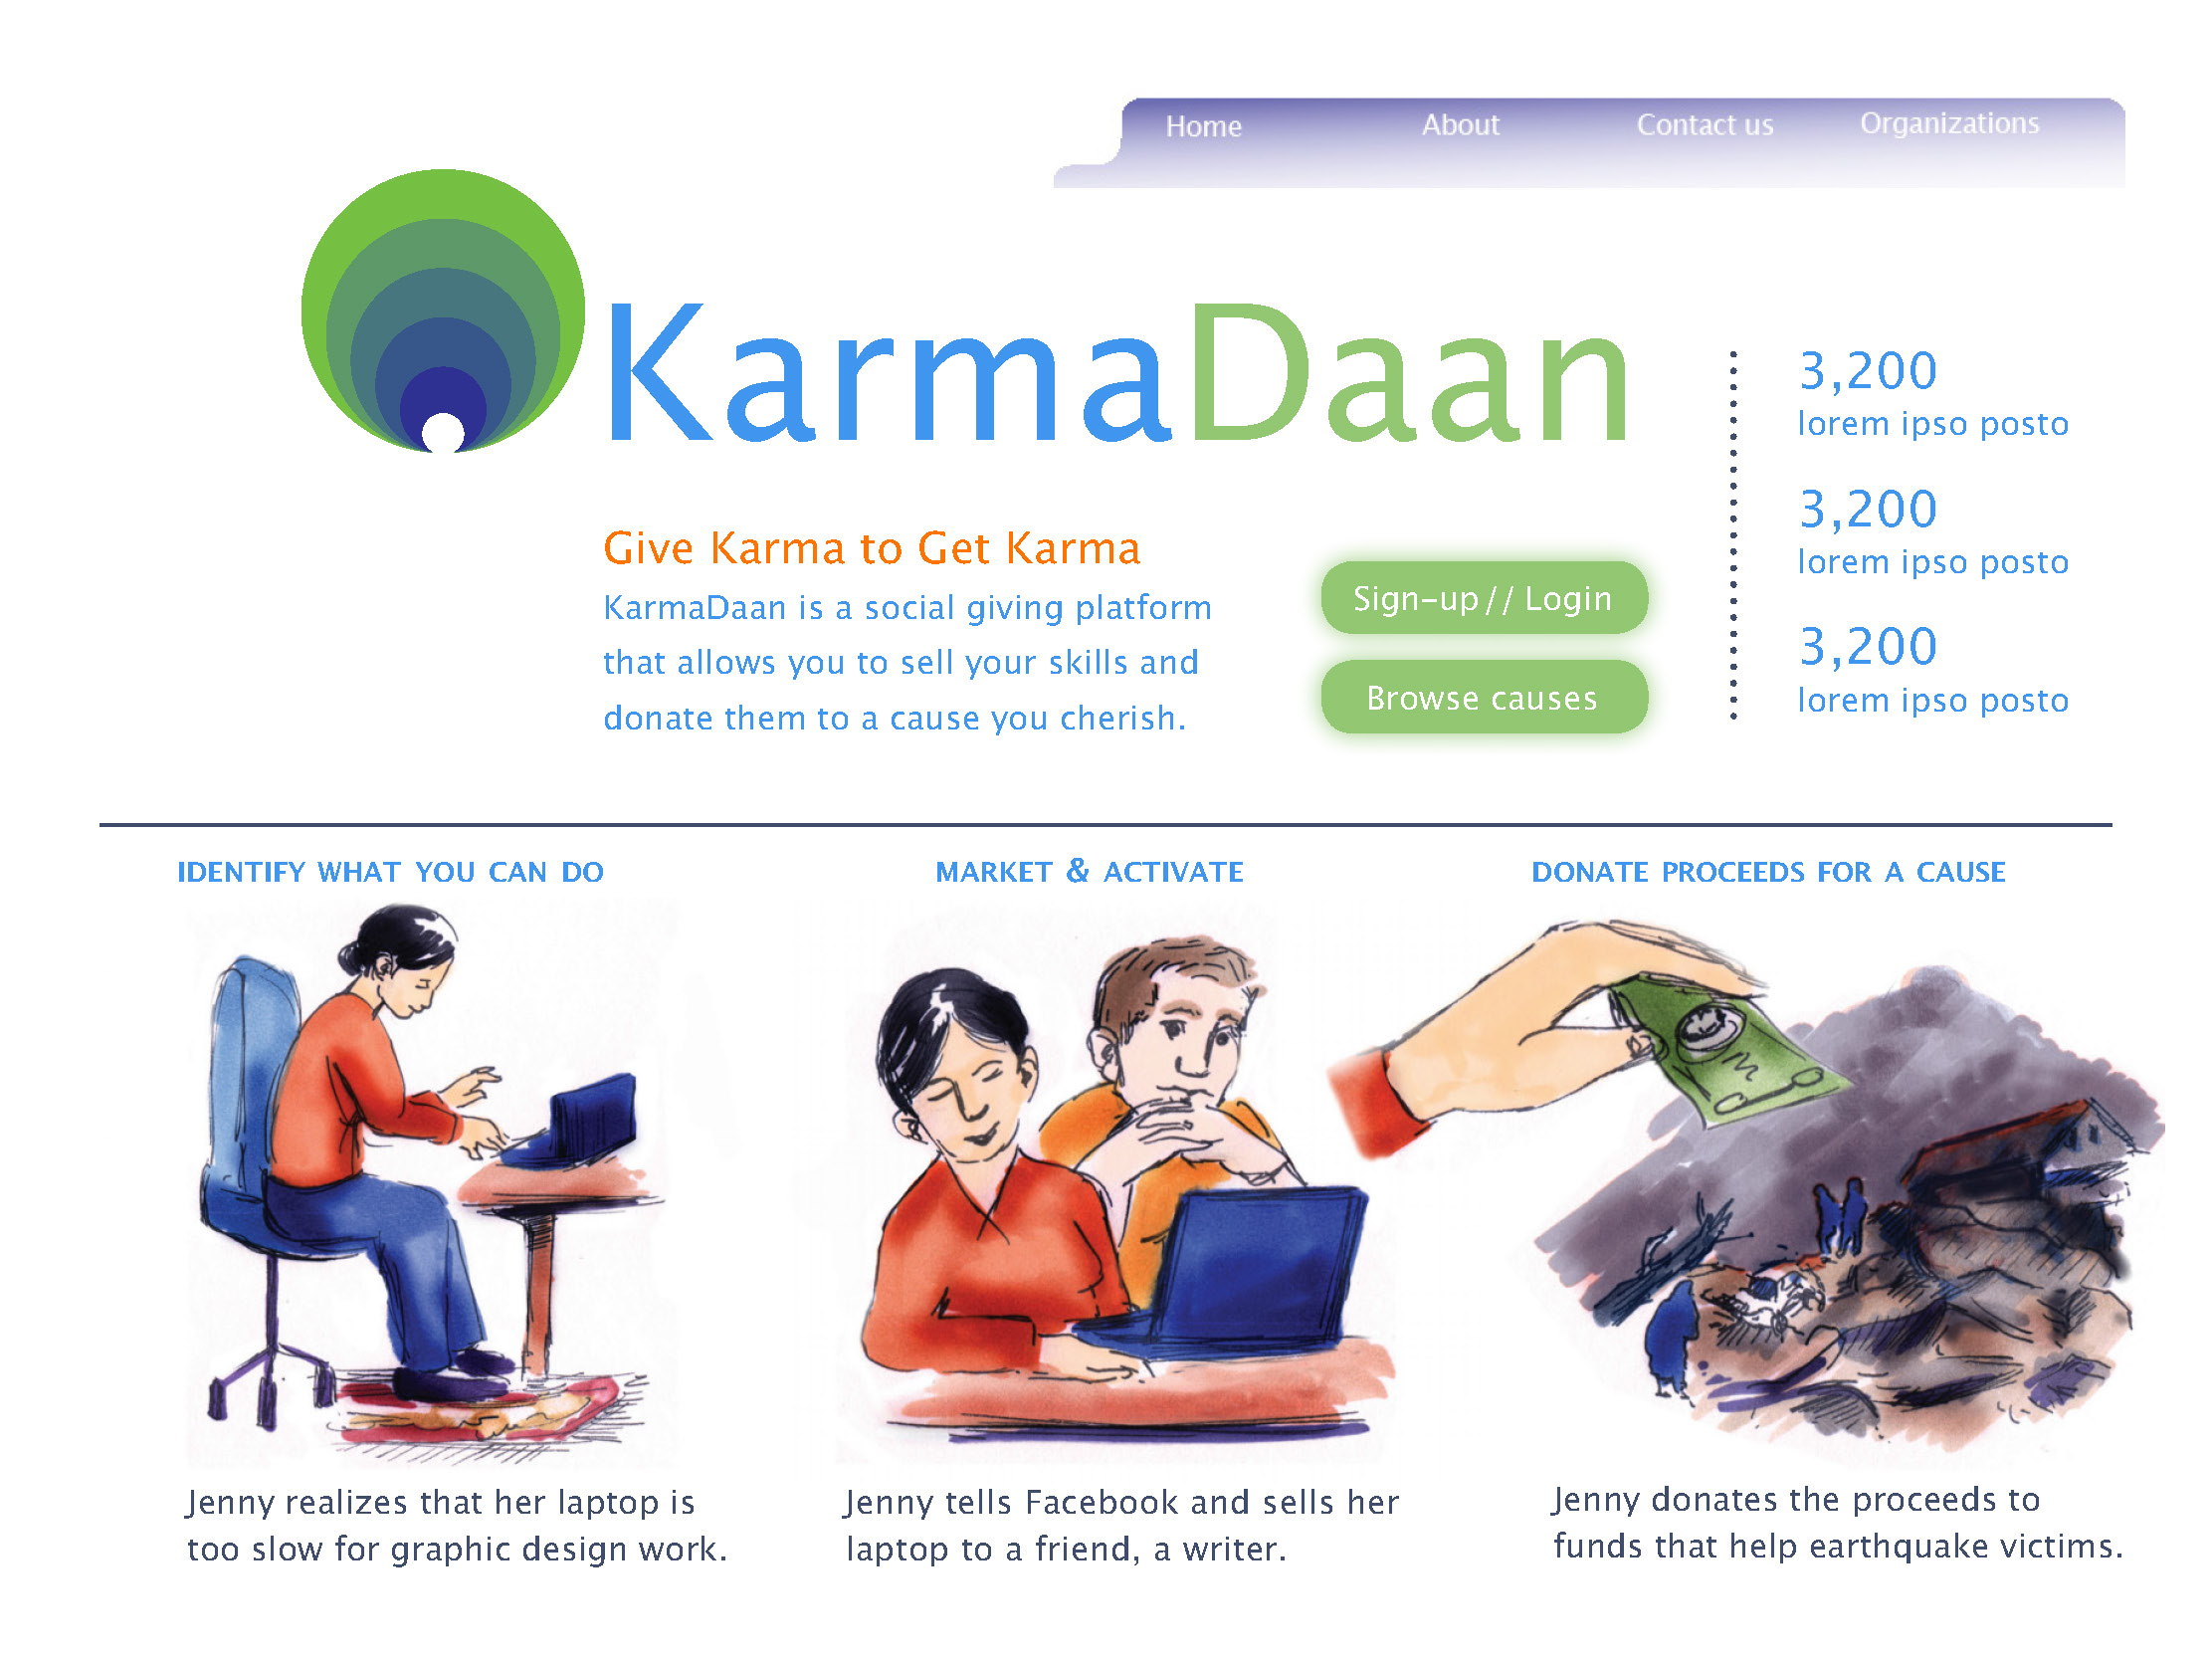 KarmaDaan-11-26-12_Page_05.jpg